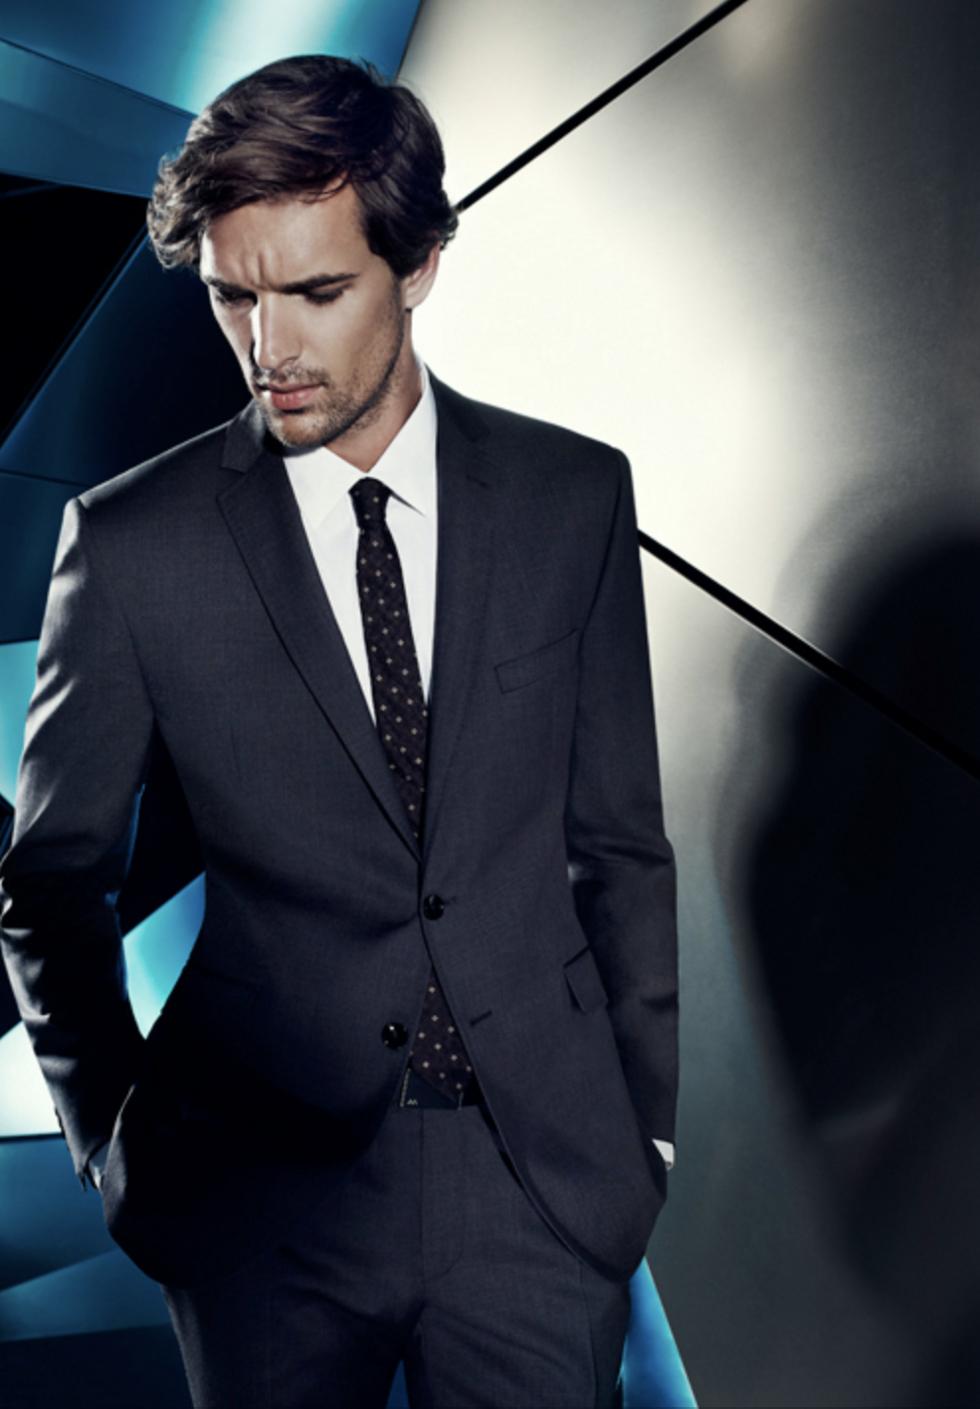 Фото рекламы смешанной мужской одежды